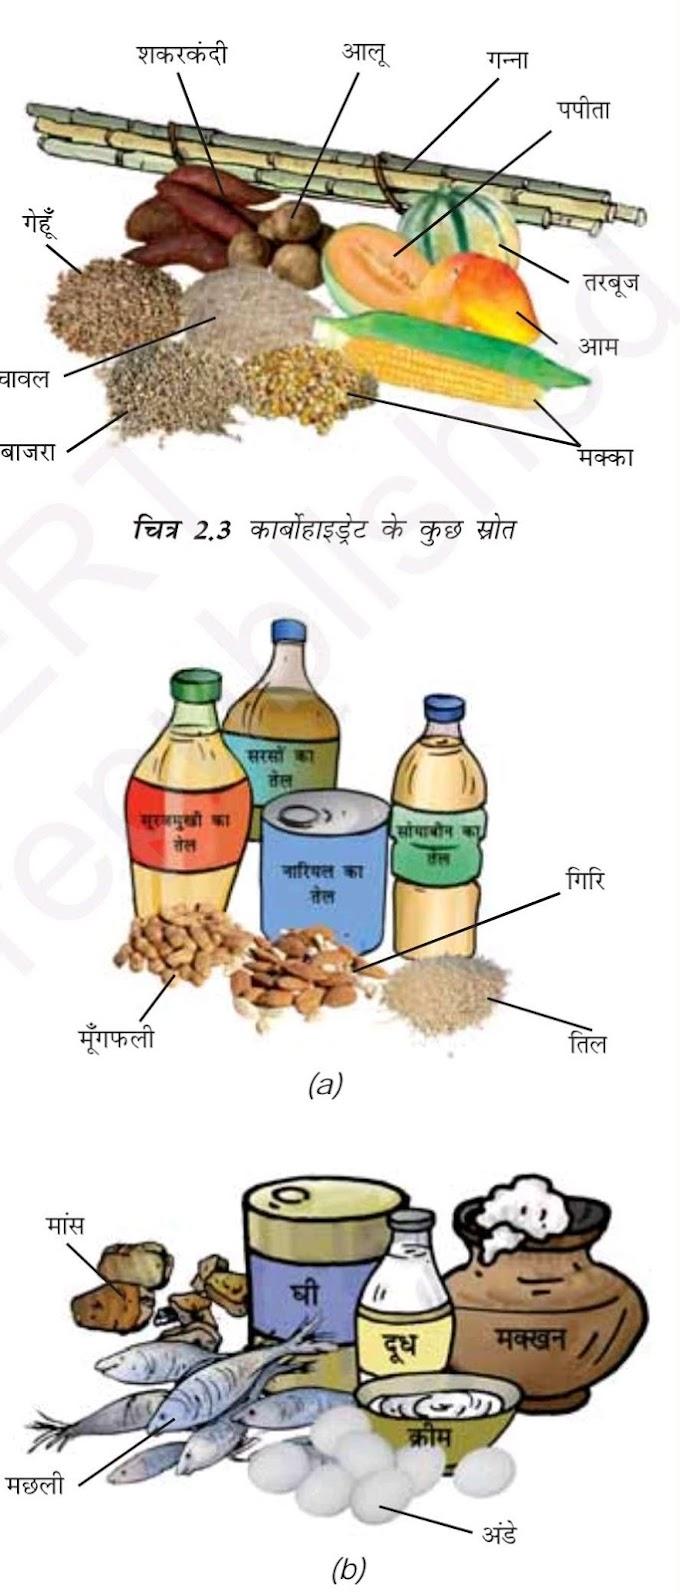 भोजन के घटक कौन कौन से होते हैं ? खनिज पदार्थों की कमी से होने वाले रोग जानिए। [Diseases caused by deficiency of food components and minerals]